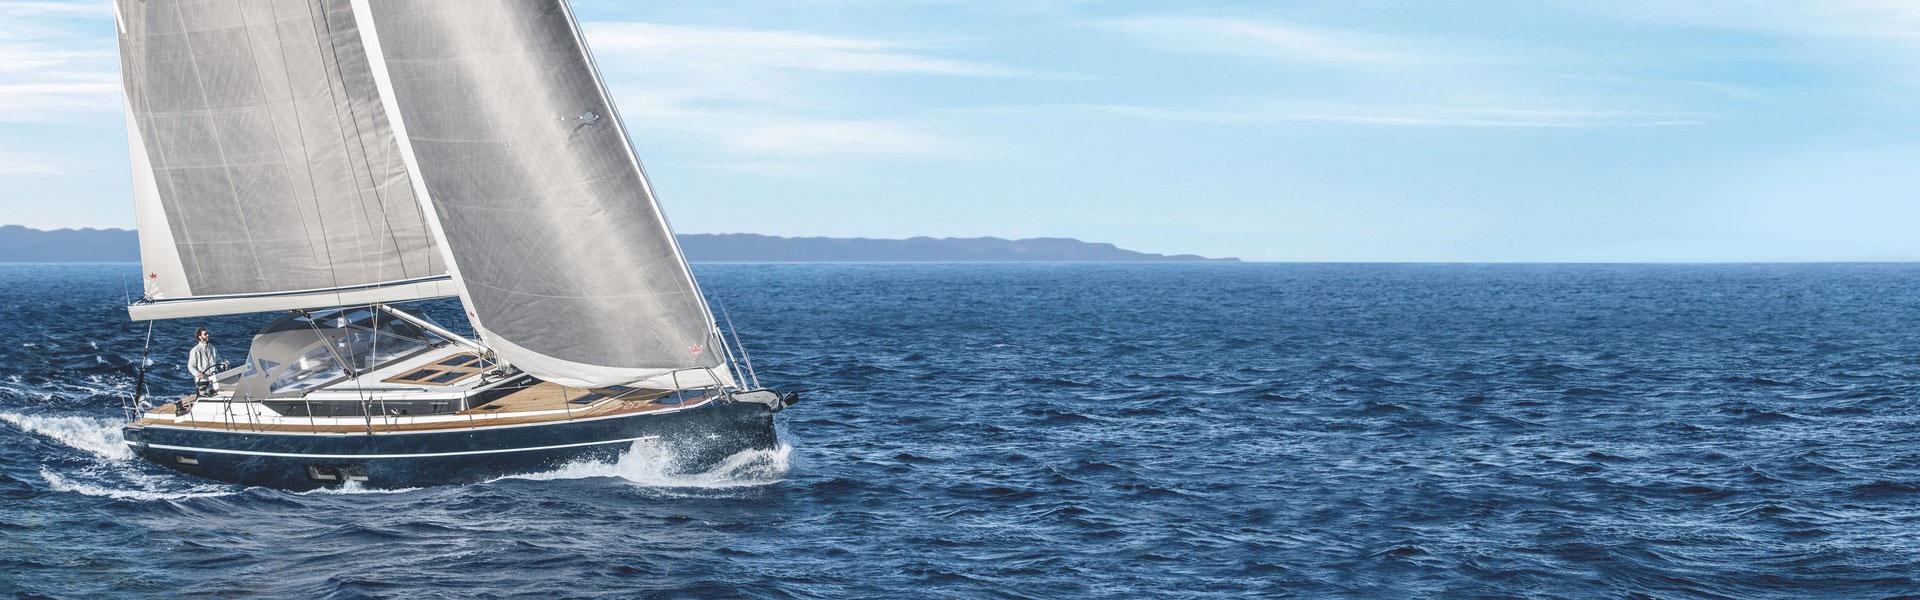 Bavaria Yachts C57 Außen